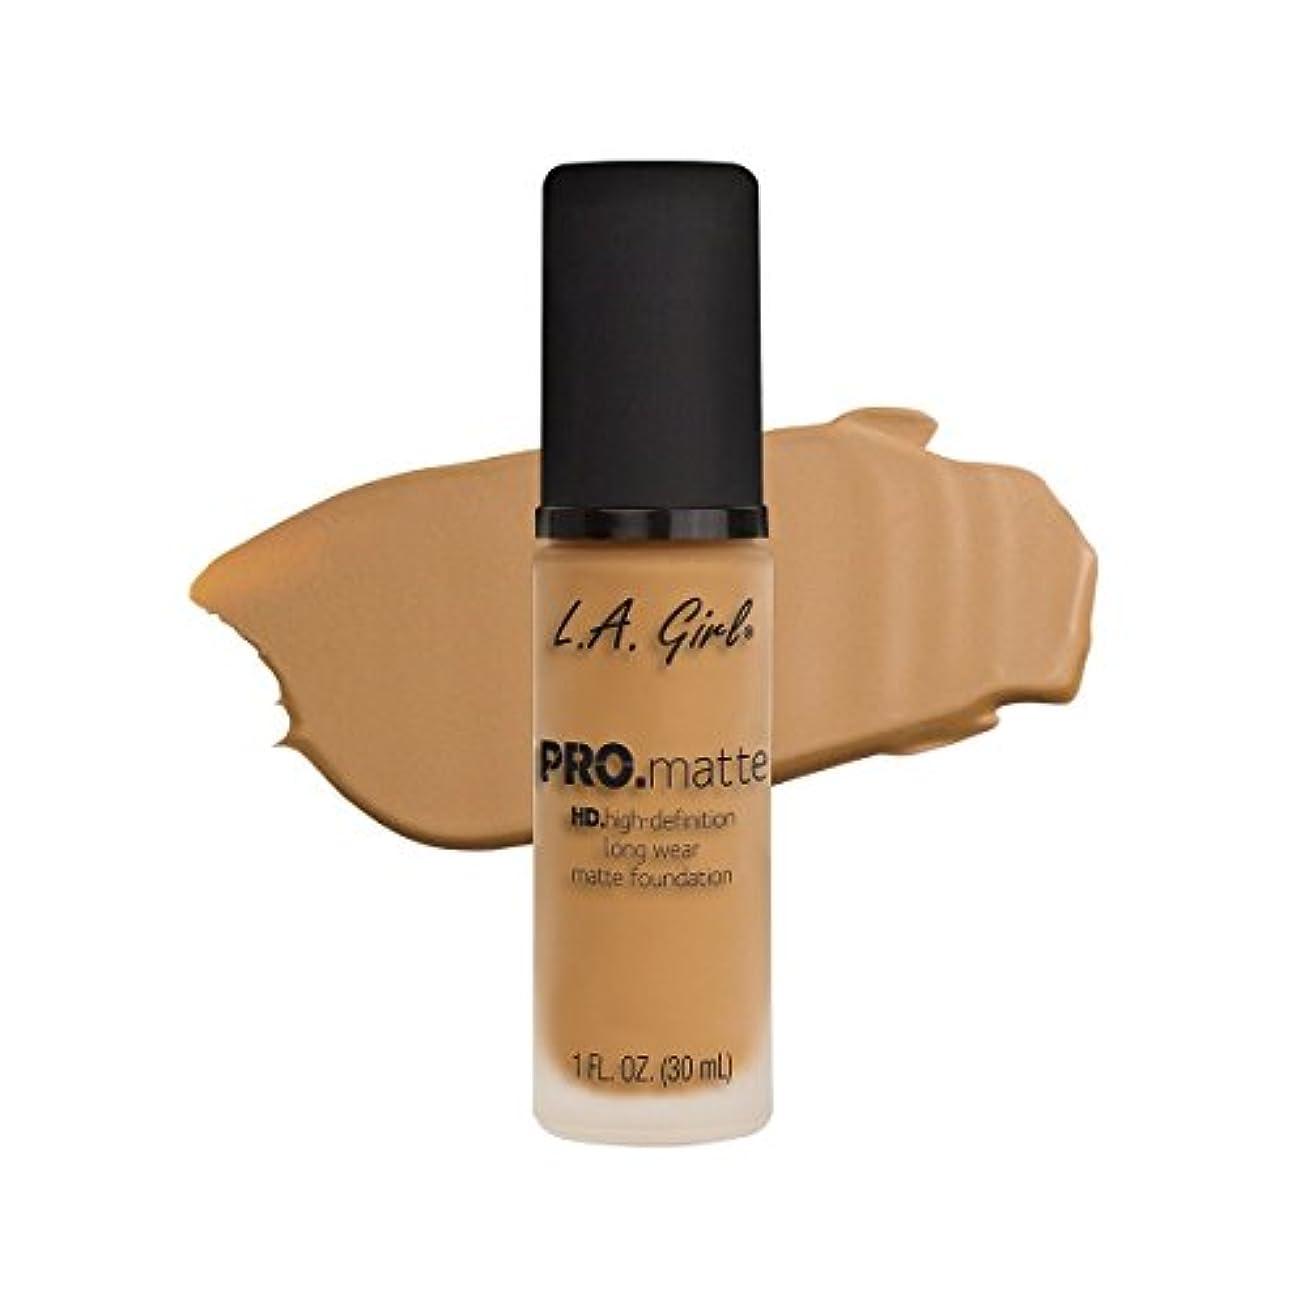 アサー全体その結果(3 Pack) L.A. GIRL Pro Matte Foundation - Light Tan (並行輸入品)